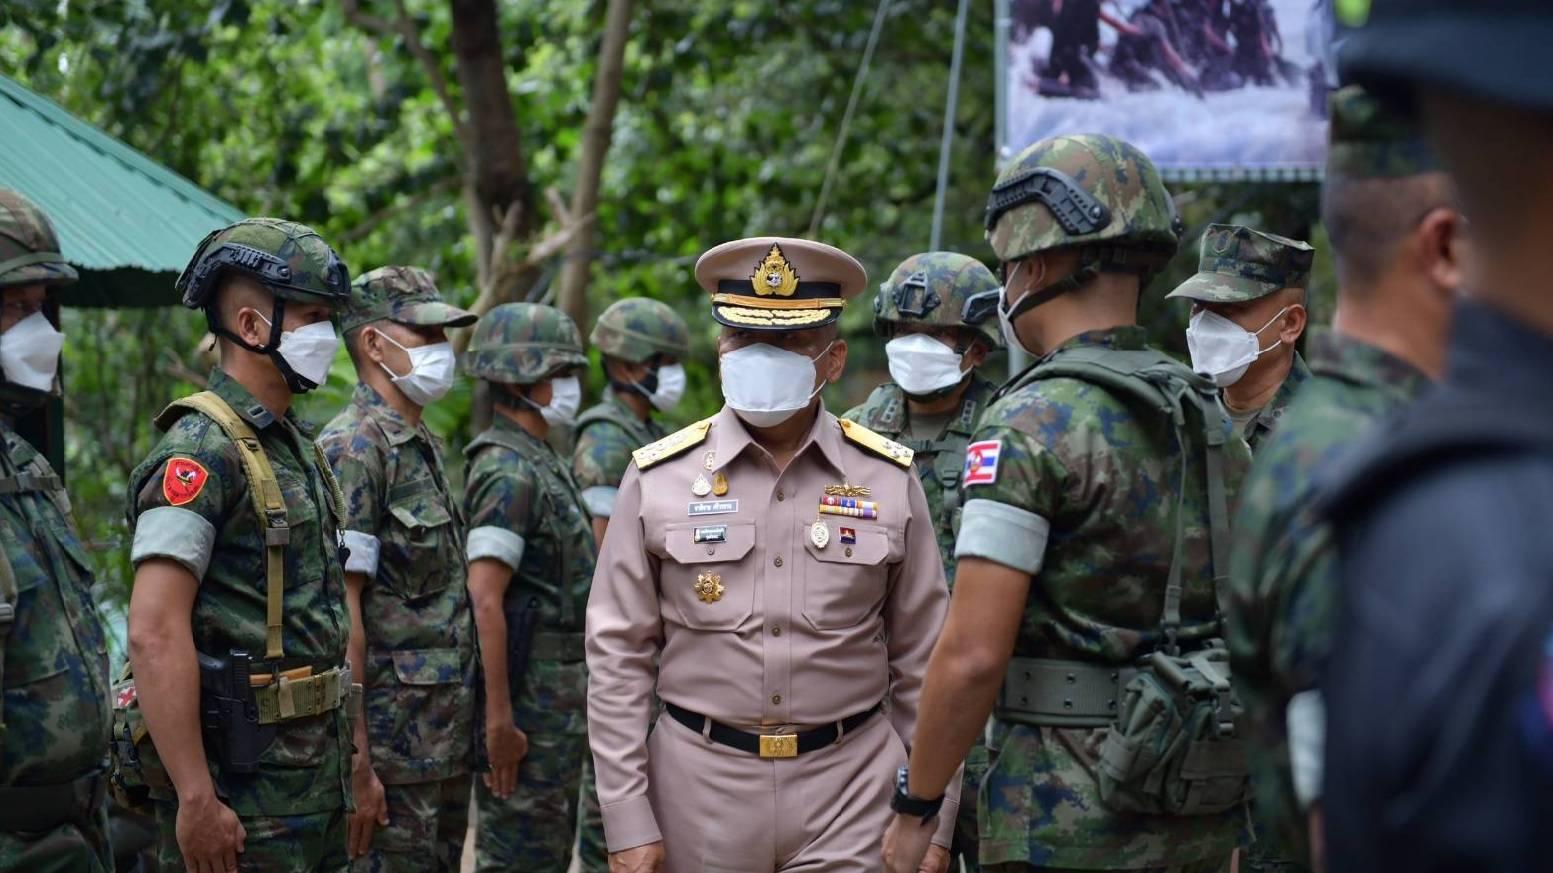 ผบ.ทร. อำลาหน่วยชายแดน จันทบุรี-ตราด ชื่นชมการปฏิบัติงานในหน้าที่